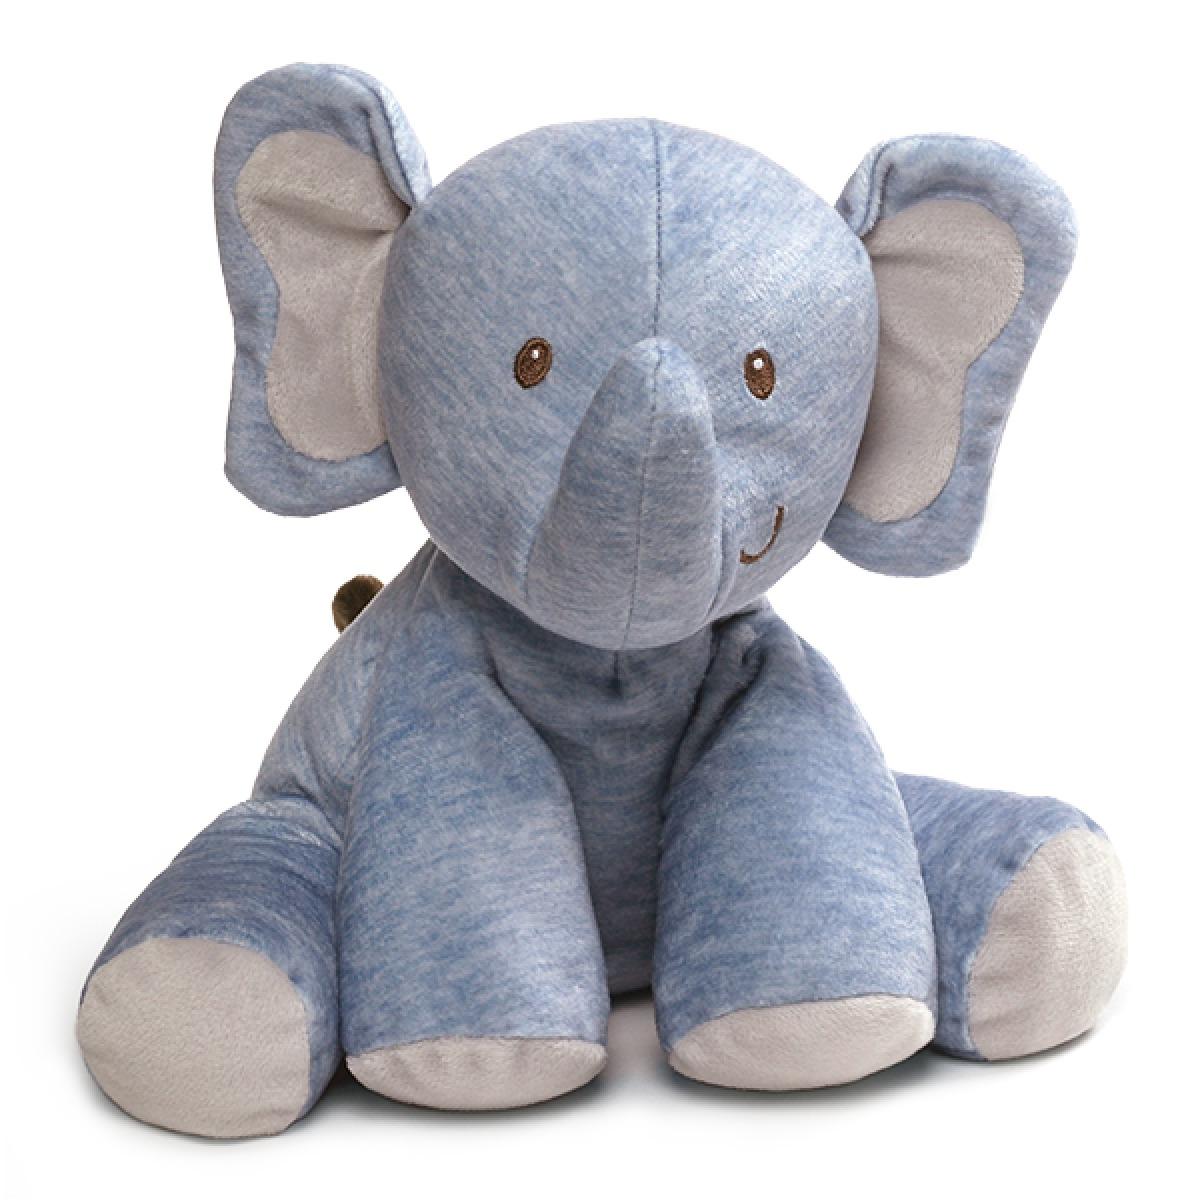 Gund: Playful Pals - Elephant Plush (20cm) image